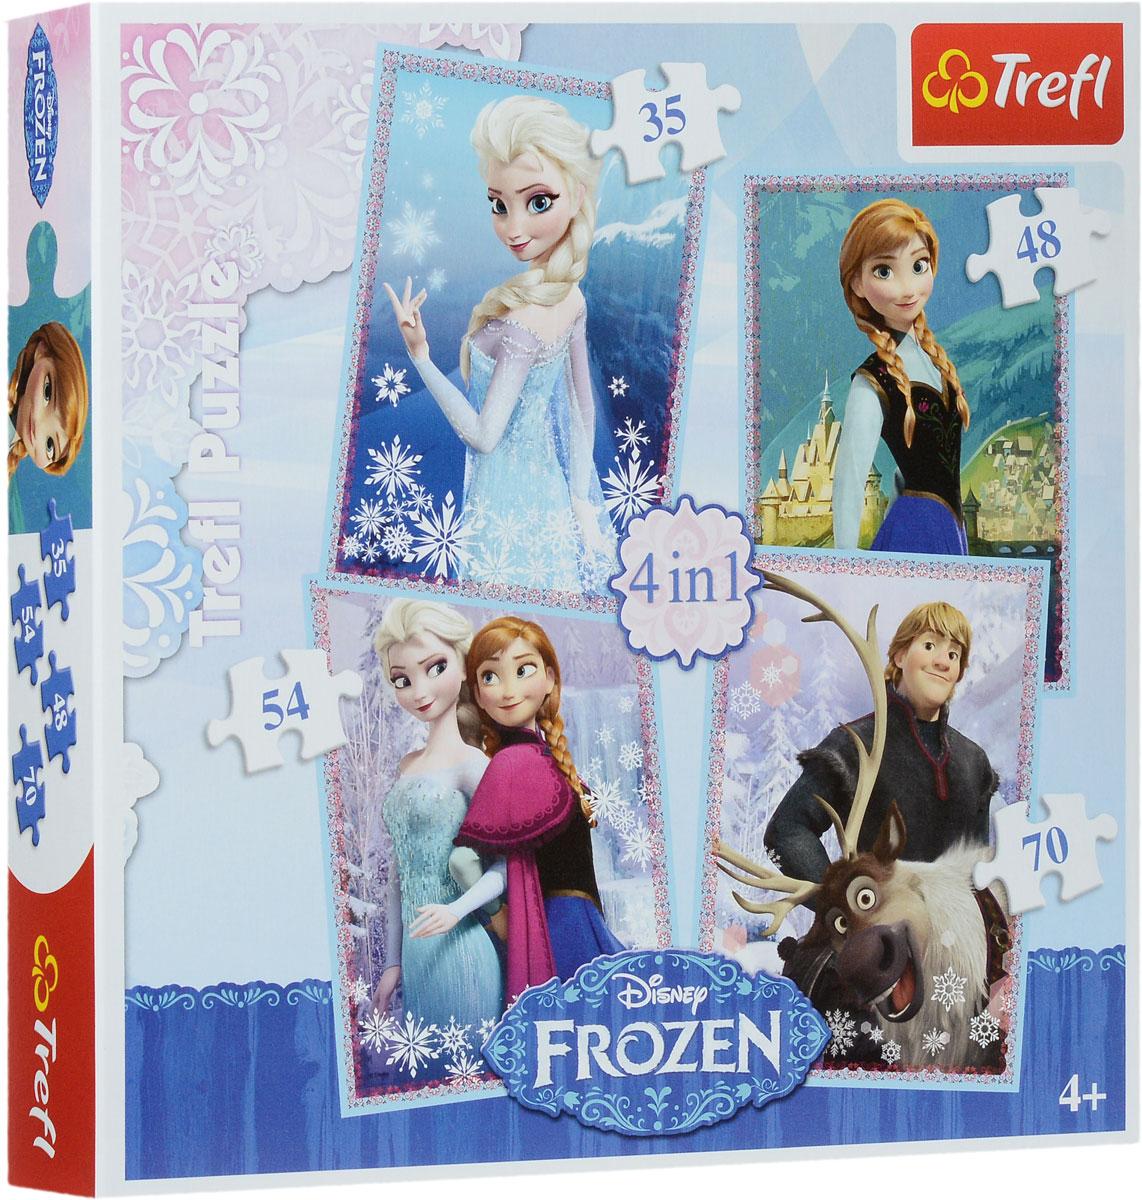 Trefl Пазл 4 в 1 Холодное Сердце34210Набор Холодное сердце: 4 в 1 от бренда Trefl станет полезным и увлекательным подарком для маленьких любителей головоломок. В таком наборе вы найдете 4 пазла, на которых изображены диснеевские мультипликационные принцессы. С таким набором можно собрать не один, а целых четыре пазла, что позволит вашему малышу начать коллекцию тематических картинок, на которых нарисованы диснеевские герои. Пазлы имеют по 35, 48, 54 и 70 элементов. Игра выпущена польским брендом Trefl, известным своими пазлами во всем мире. Дело в том, что это пазлы высочайшего качества, изготавливающиеся из каландрированной бумаги, что позволяет приобрести им невероятную гладкость и яркие насыщенные цвета, которые не стираются со временем. Кроме того, это экологически чистая продукция, не способная нанести вреда ребенку и окружающей среде. Игра улучшает мелкую моторику, развивает логические навыки и воображение. Размер готовых изображений: 205 мм х 285 мм.